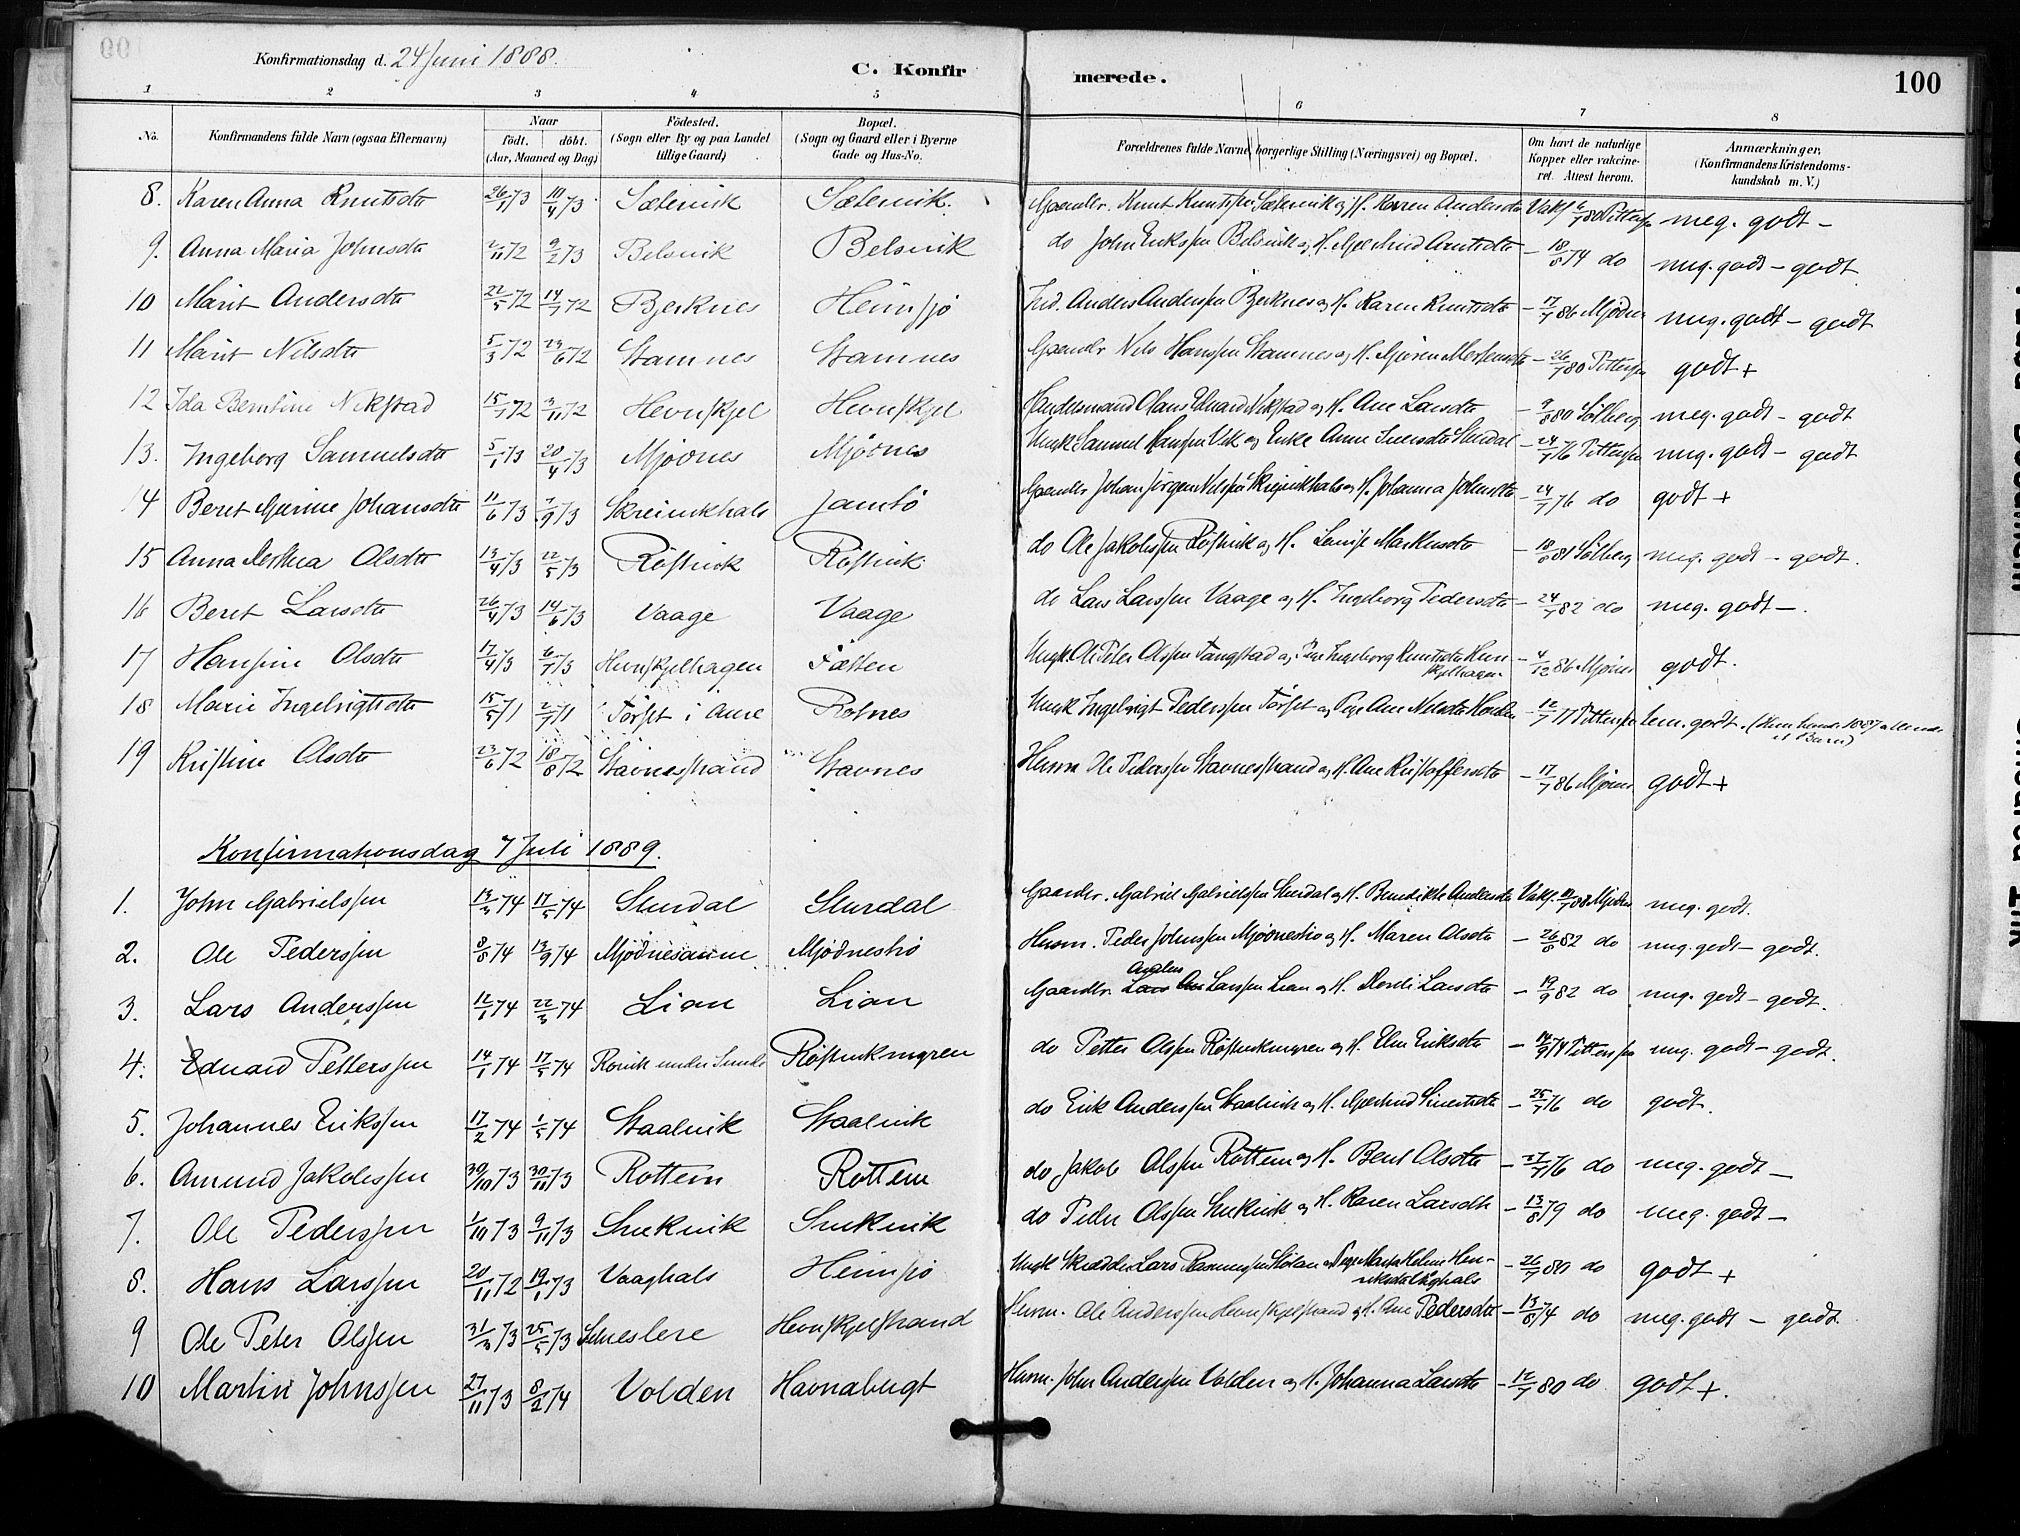 SAT, Ministerialprotokoller, klokkerbøker og fødselsregistre - Sør-Trøndelag, 633/L0518: Ministerialbok nr. 633A01, 1884-1906, s. 100